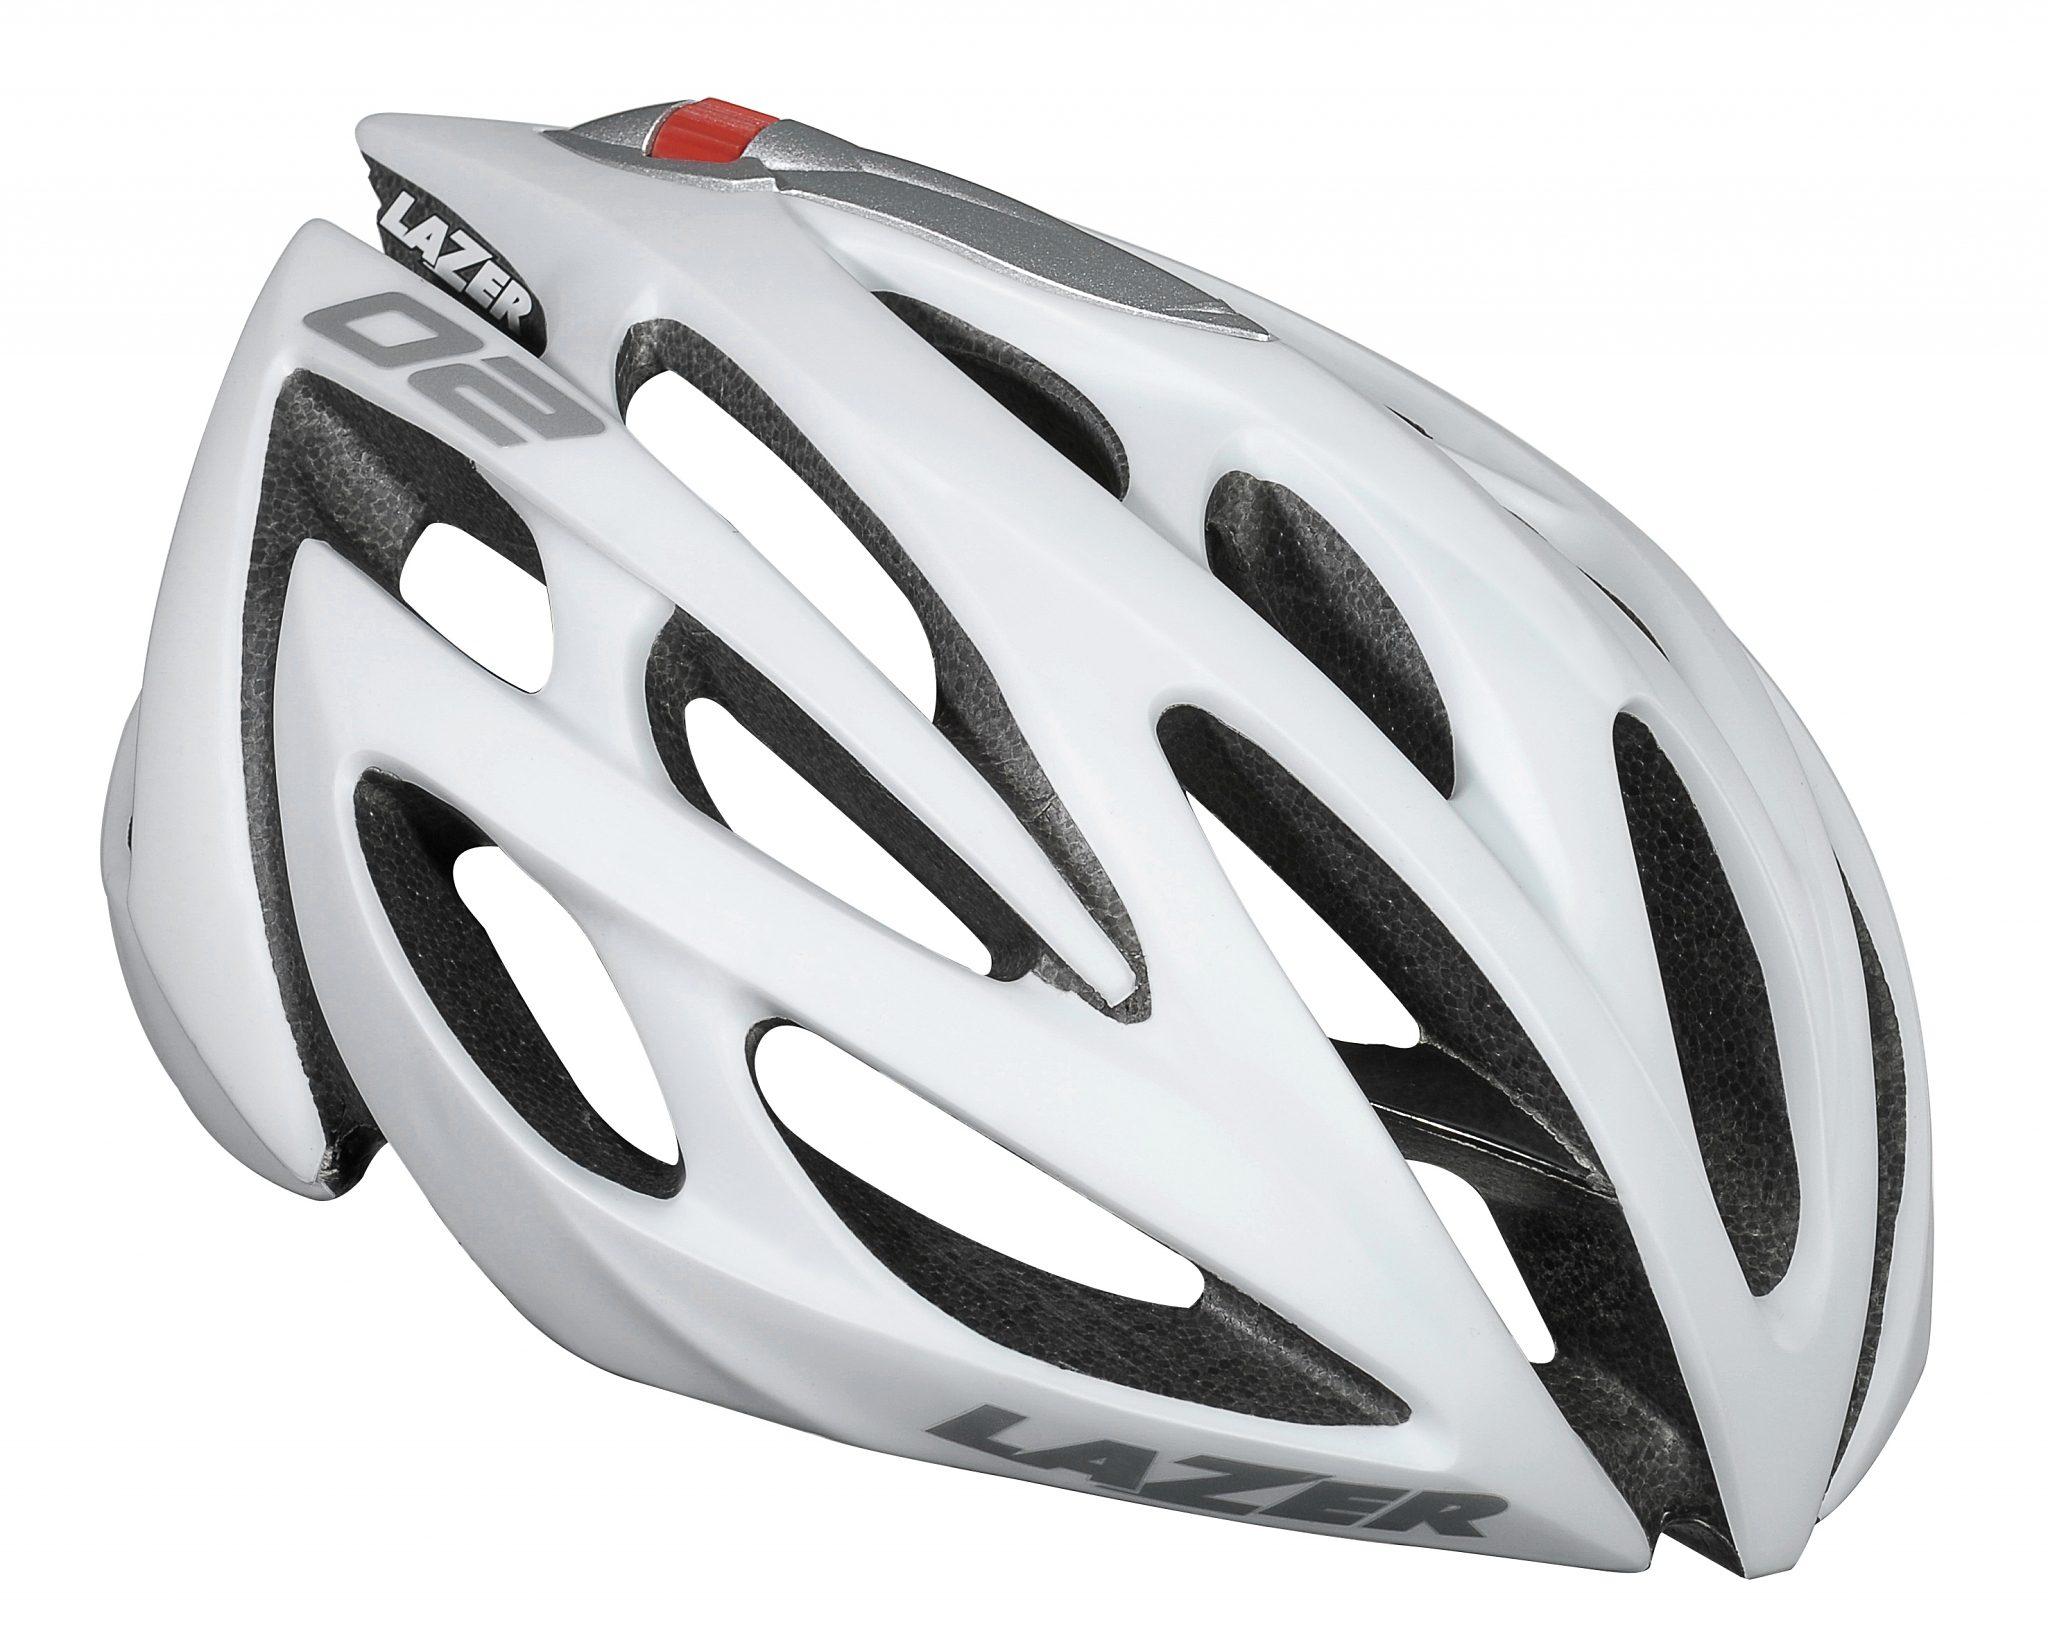 Lazer Fahrradhelm »O2 Helm«